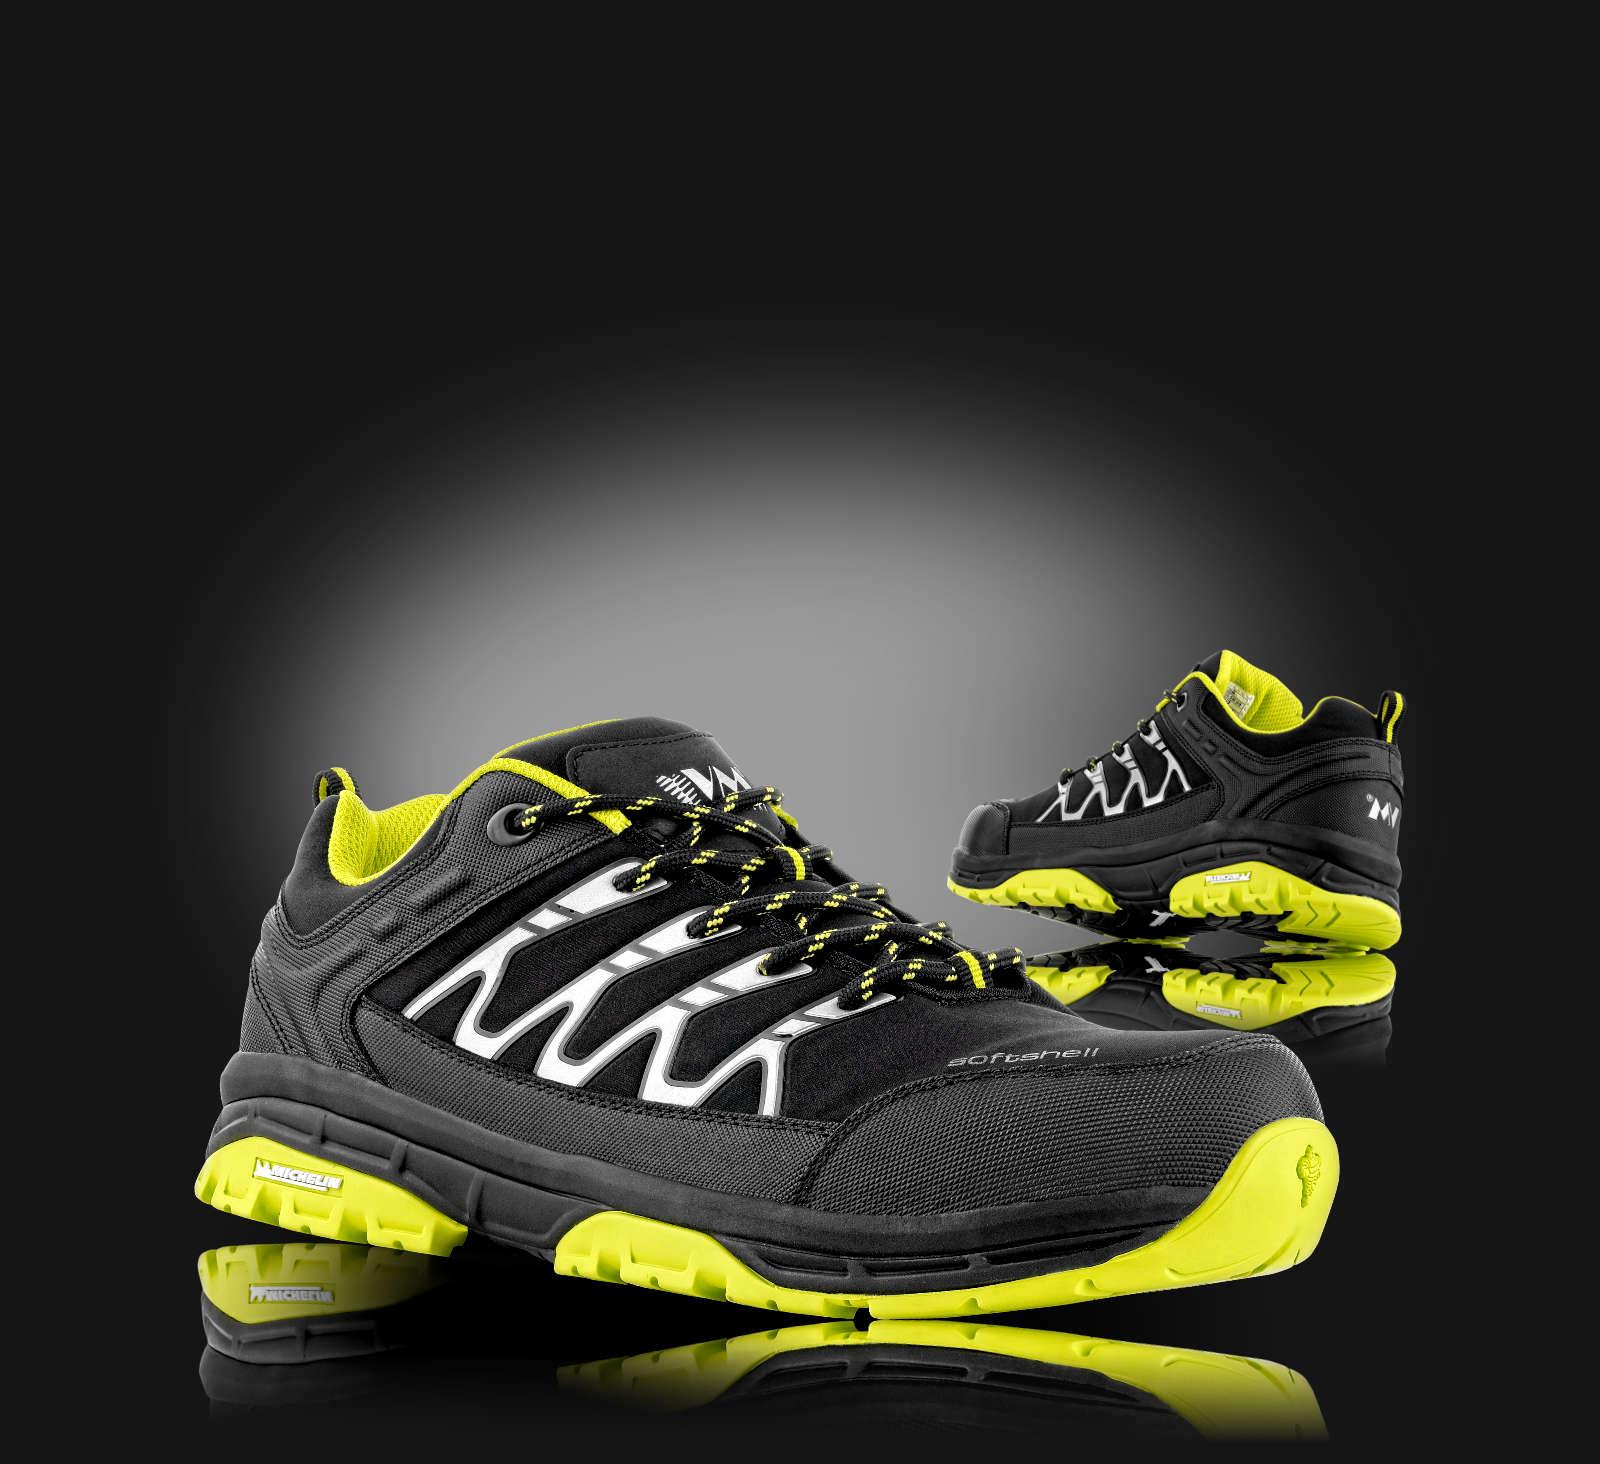 4855-S1 OHIO obuv prac. 41